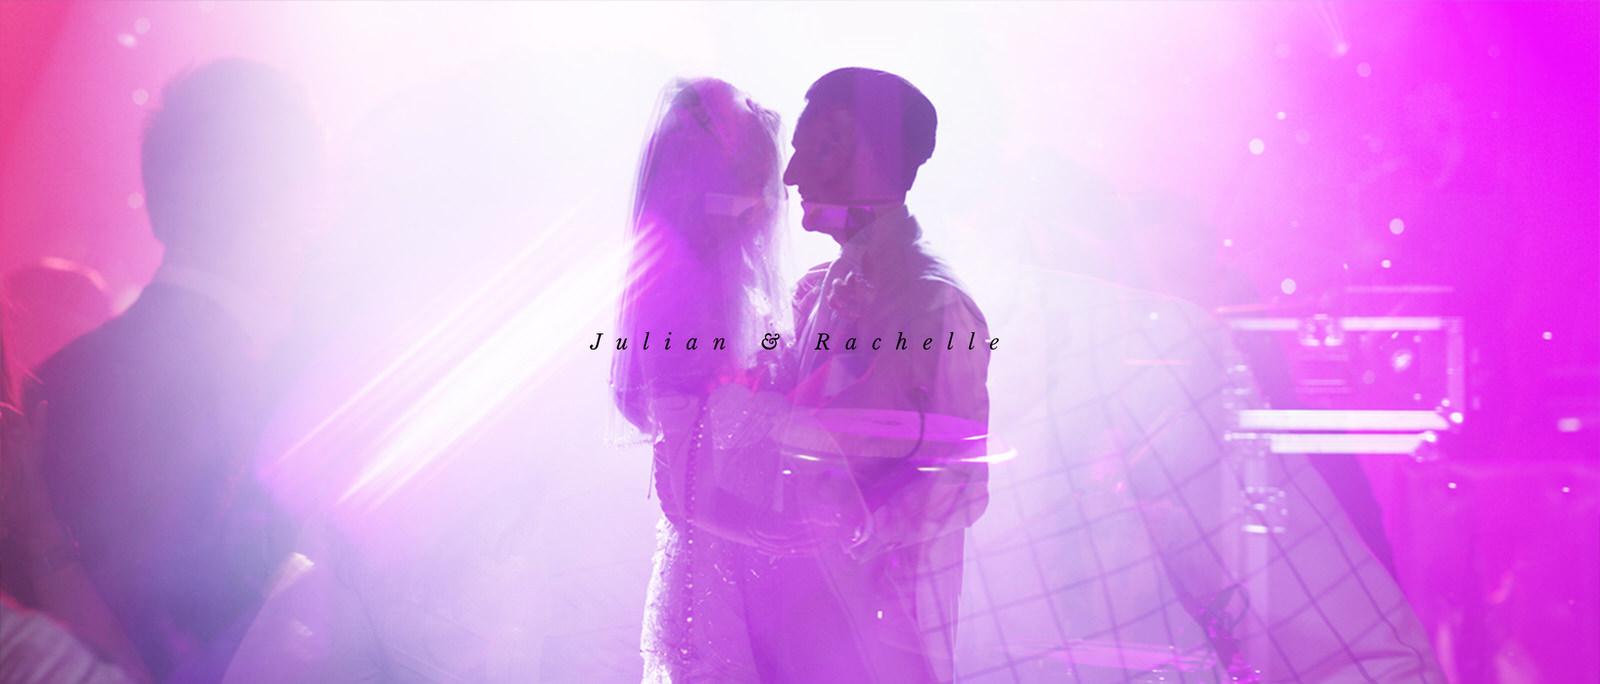 julian-rachelle-trouwfilm-trouwvideo-videograaf-dreamers-amsterdam-rotterdam-hulstkampgebouw-drone-4k-web